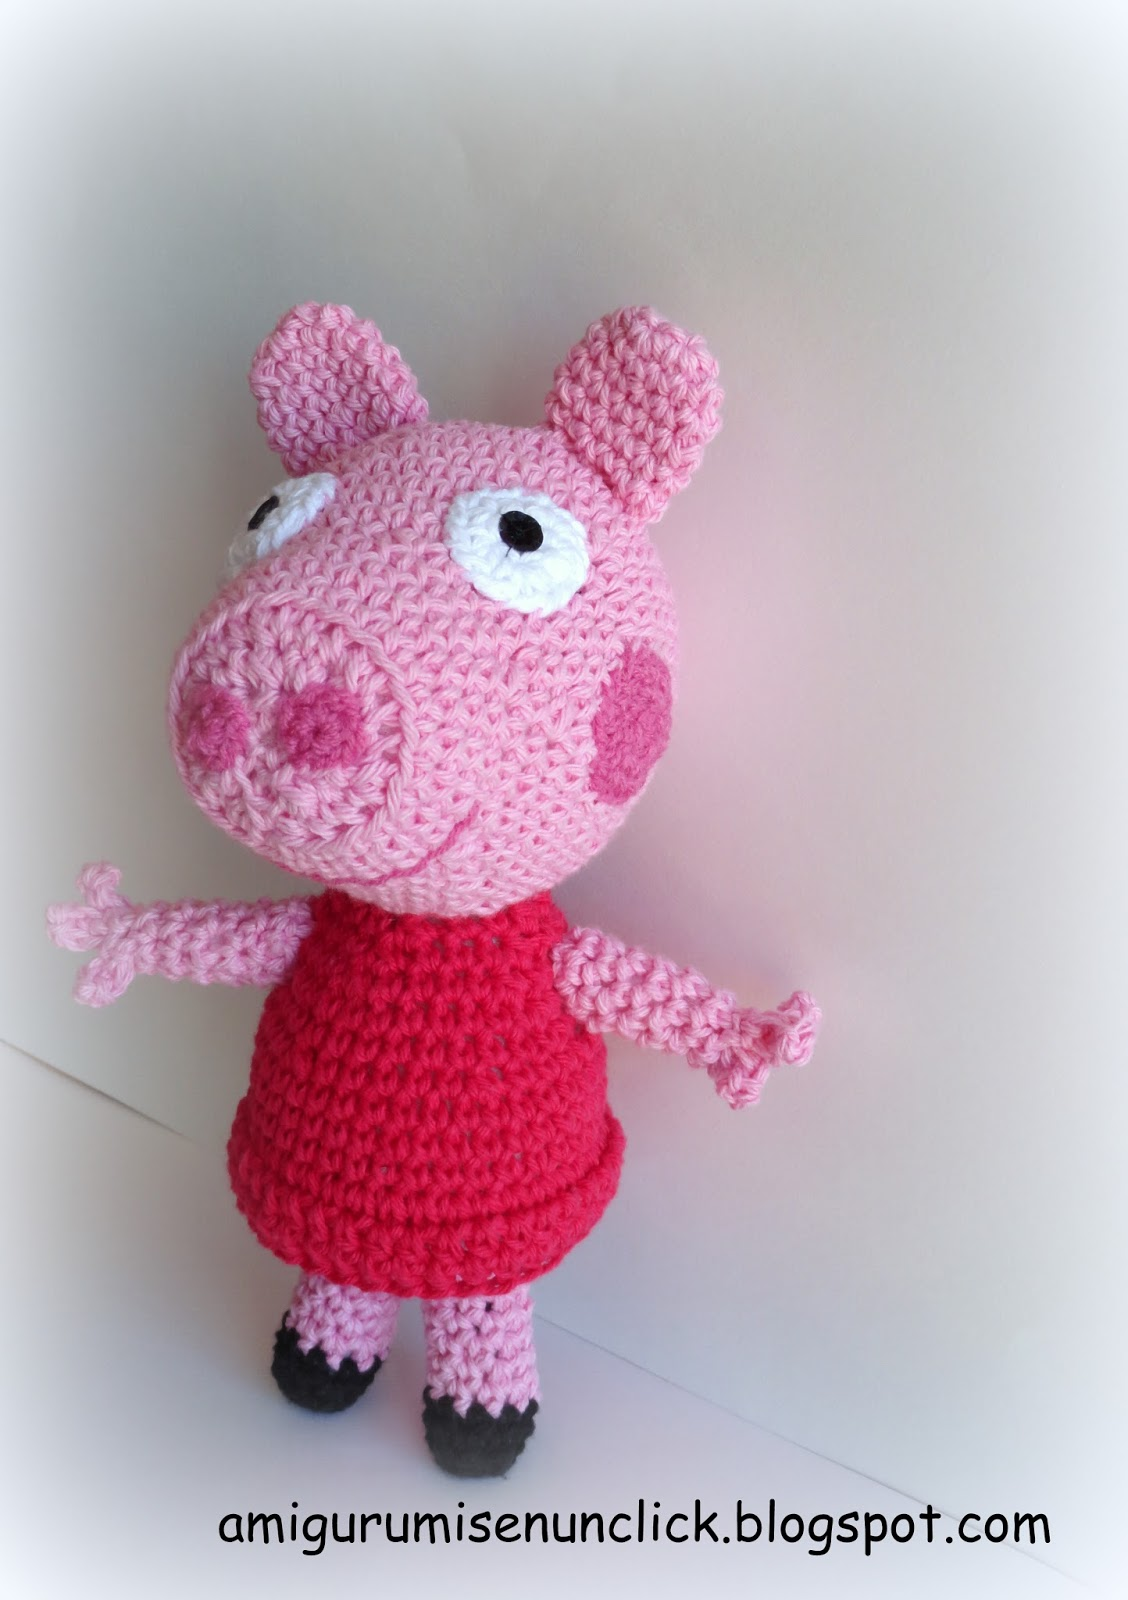 Amigurumis en un Click: PEPPA PIG